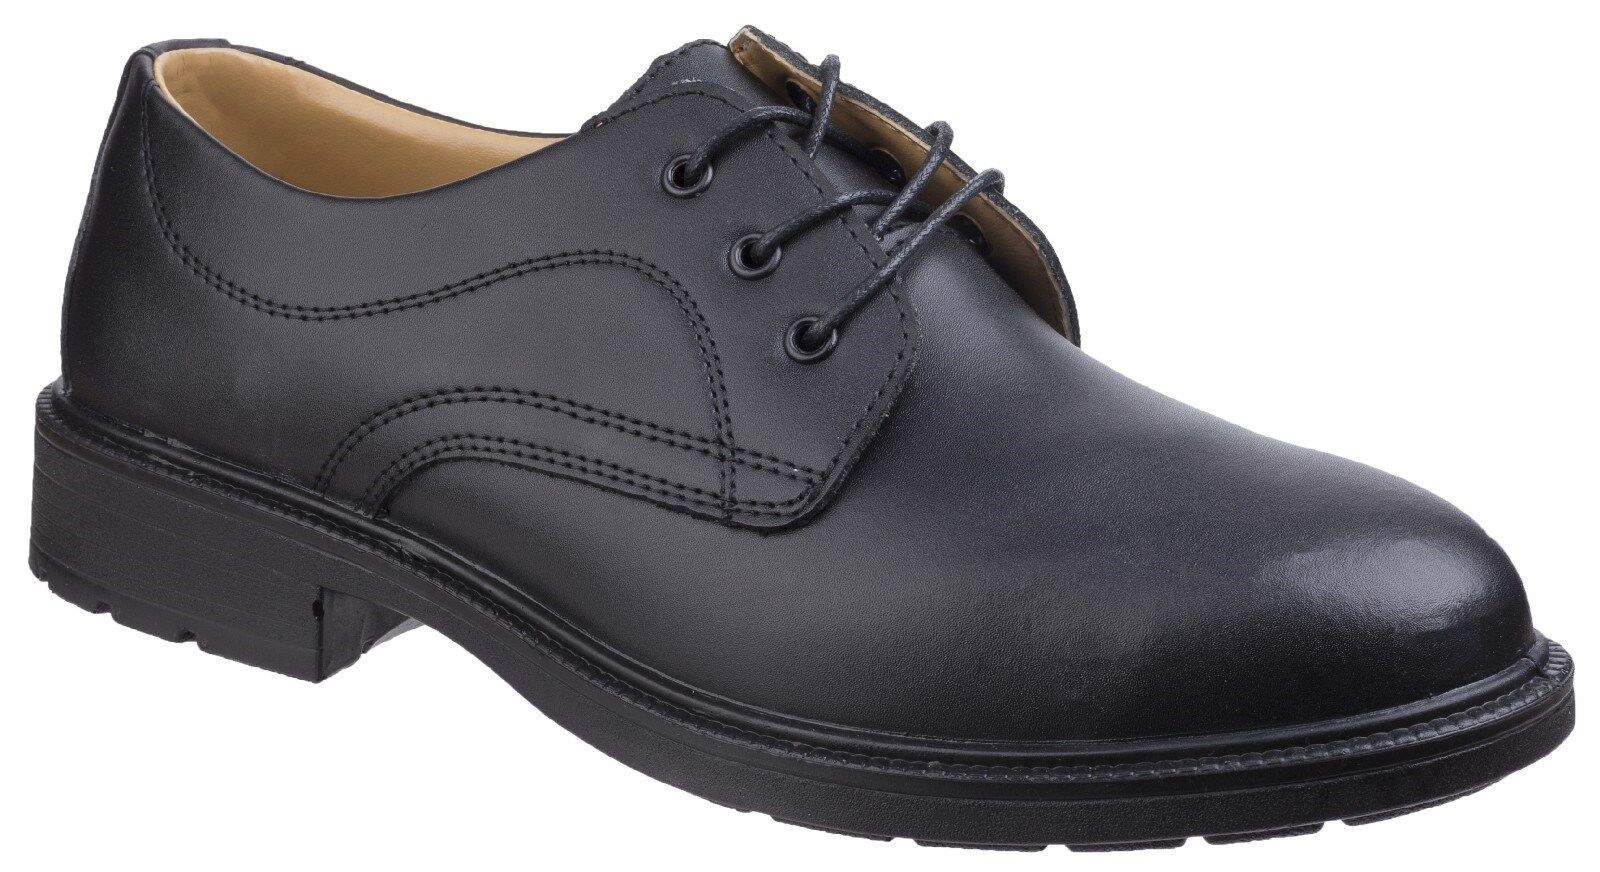 Amblers FS45 Scarpe Antinfortunistiche Da Uomo Smart In Acciaio Punta Lavoro Industriale Footwear